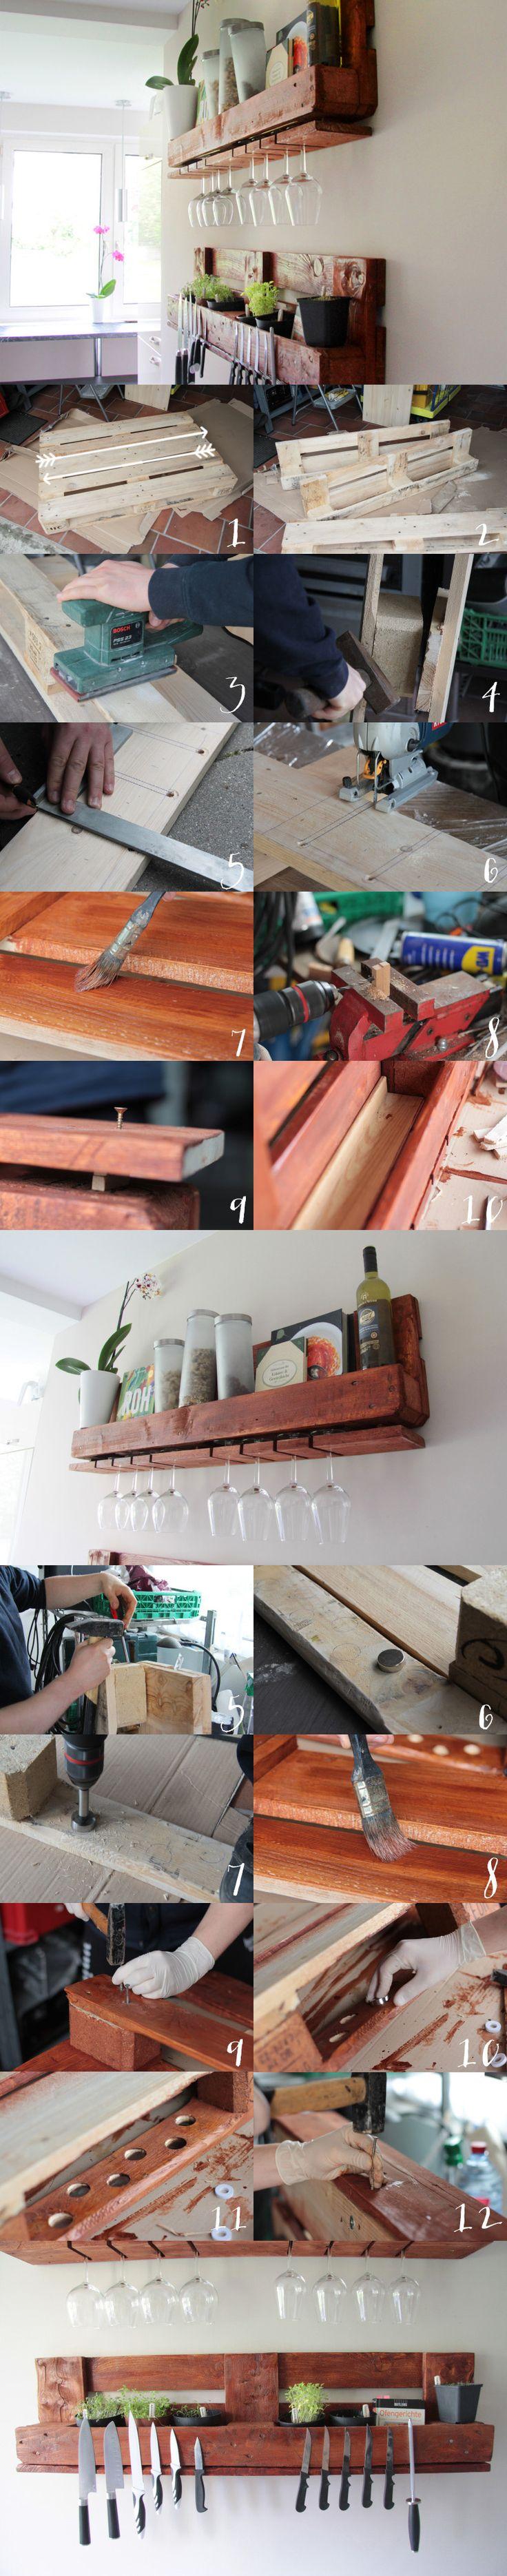 Küchenregal aus einer EURO-Palette für hängende Weingläser und Messer